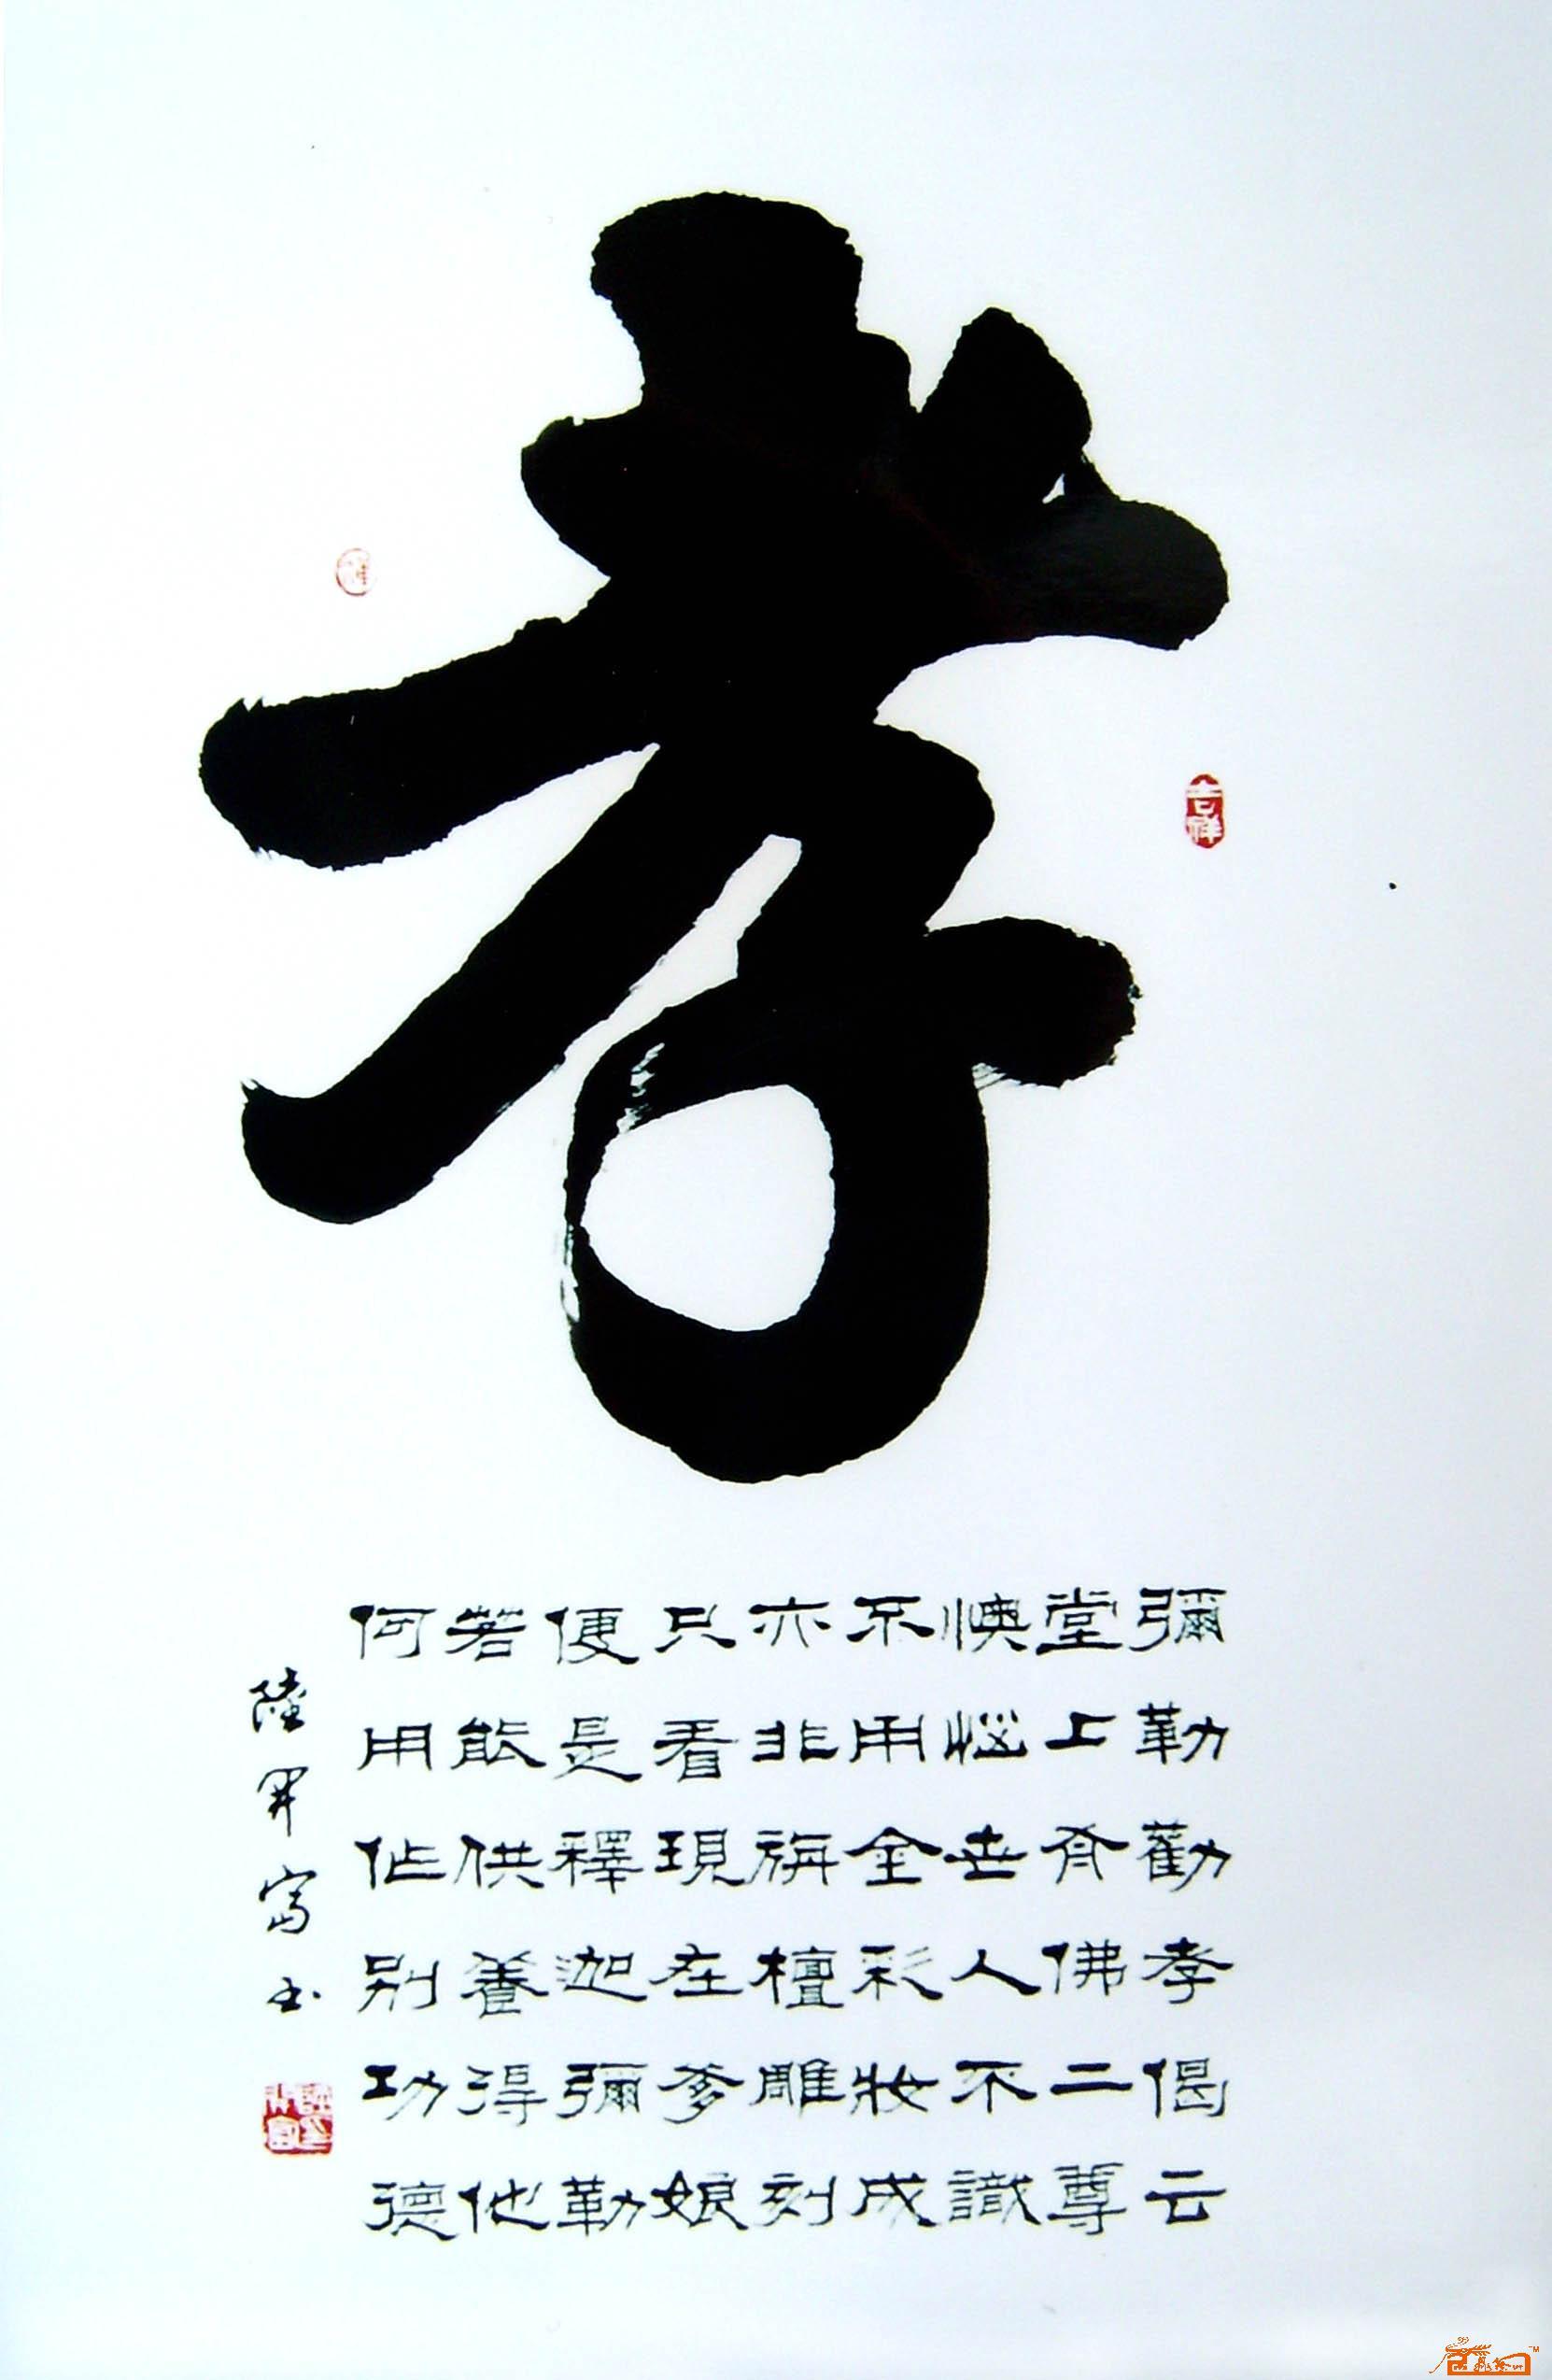 陆富(陆一均)孝淘宝名字画书画易心